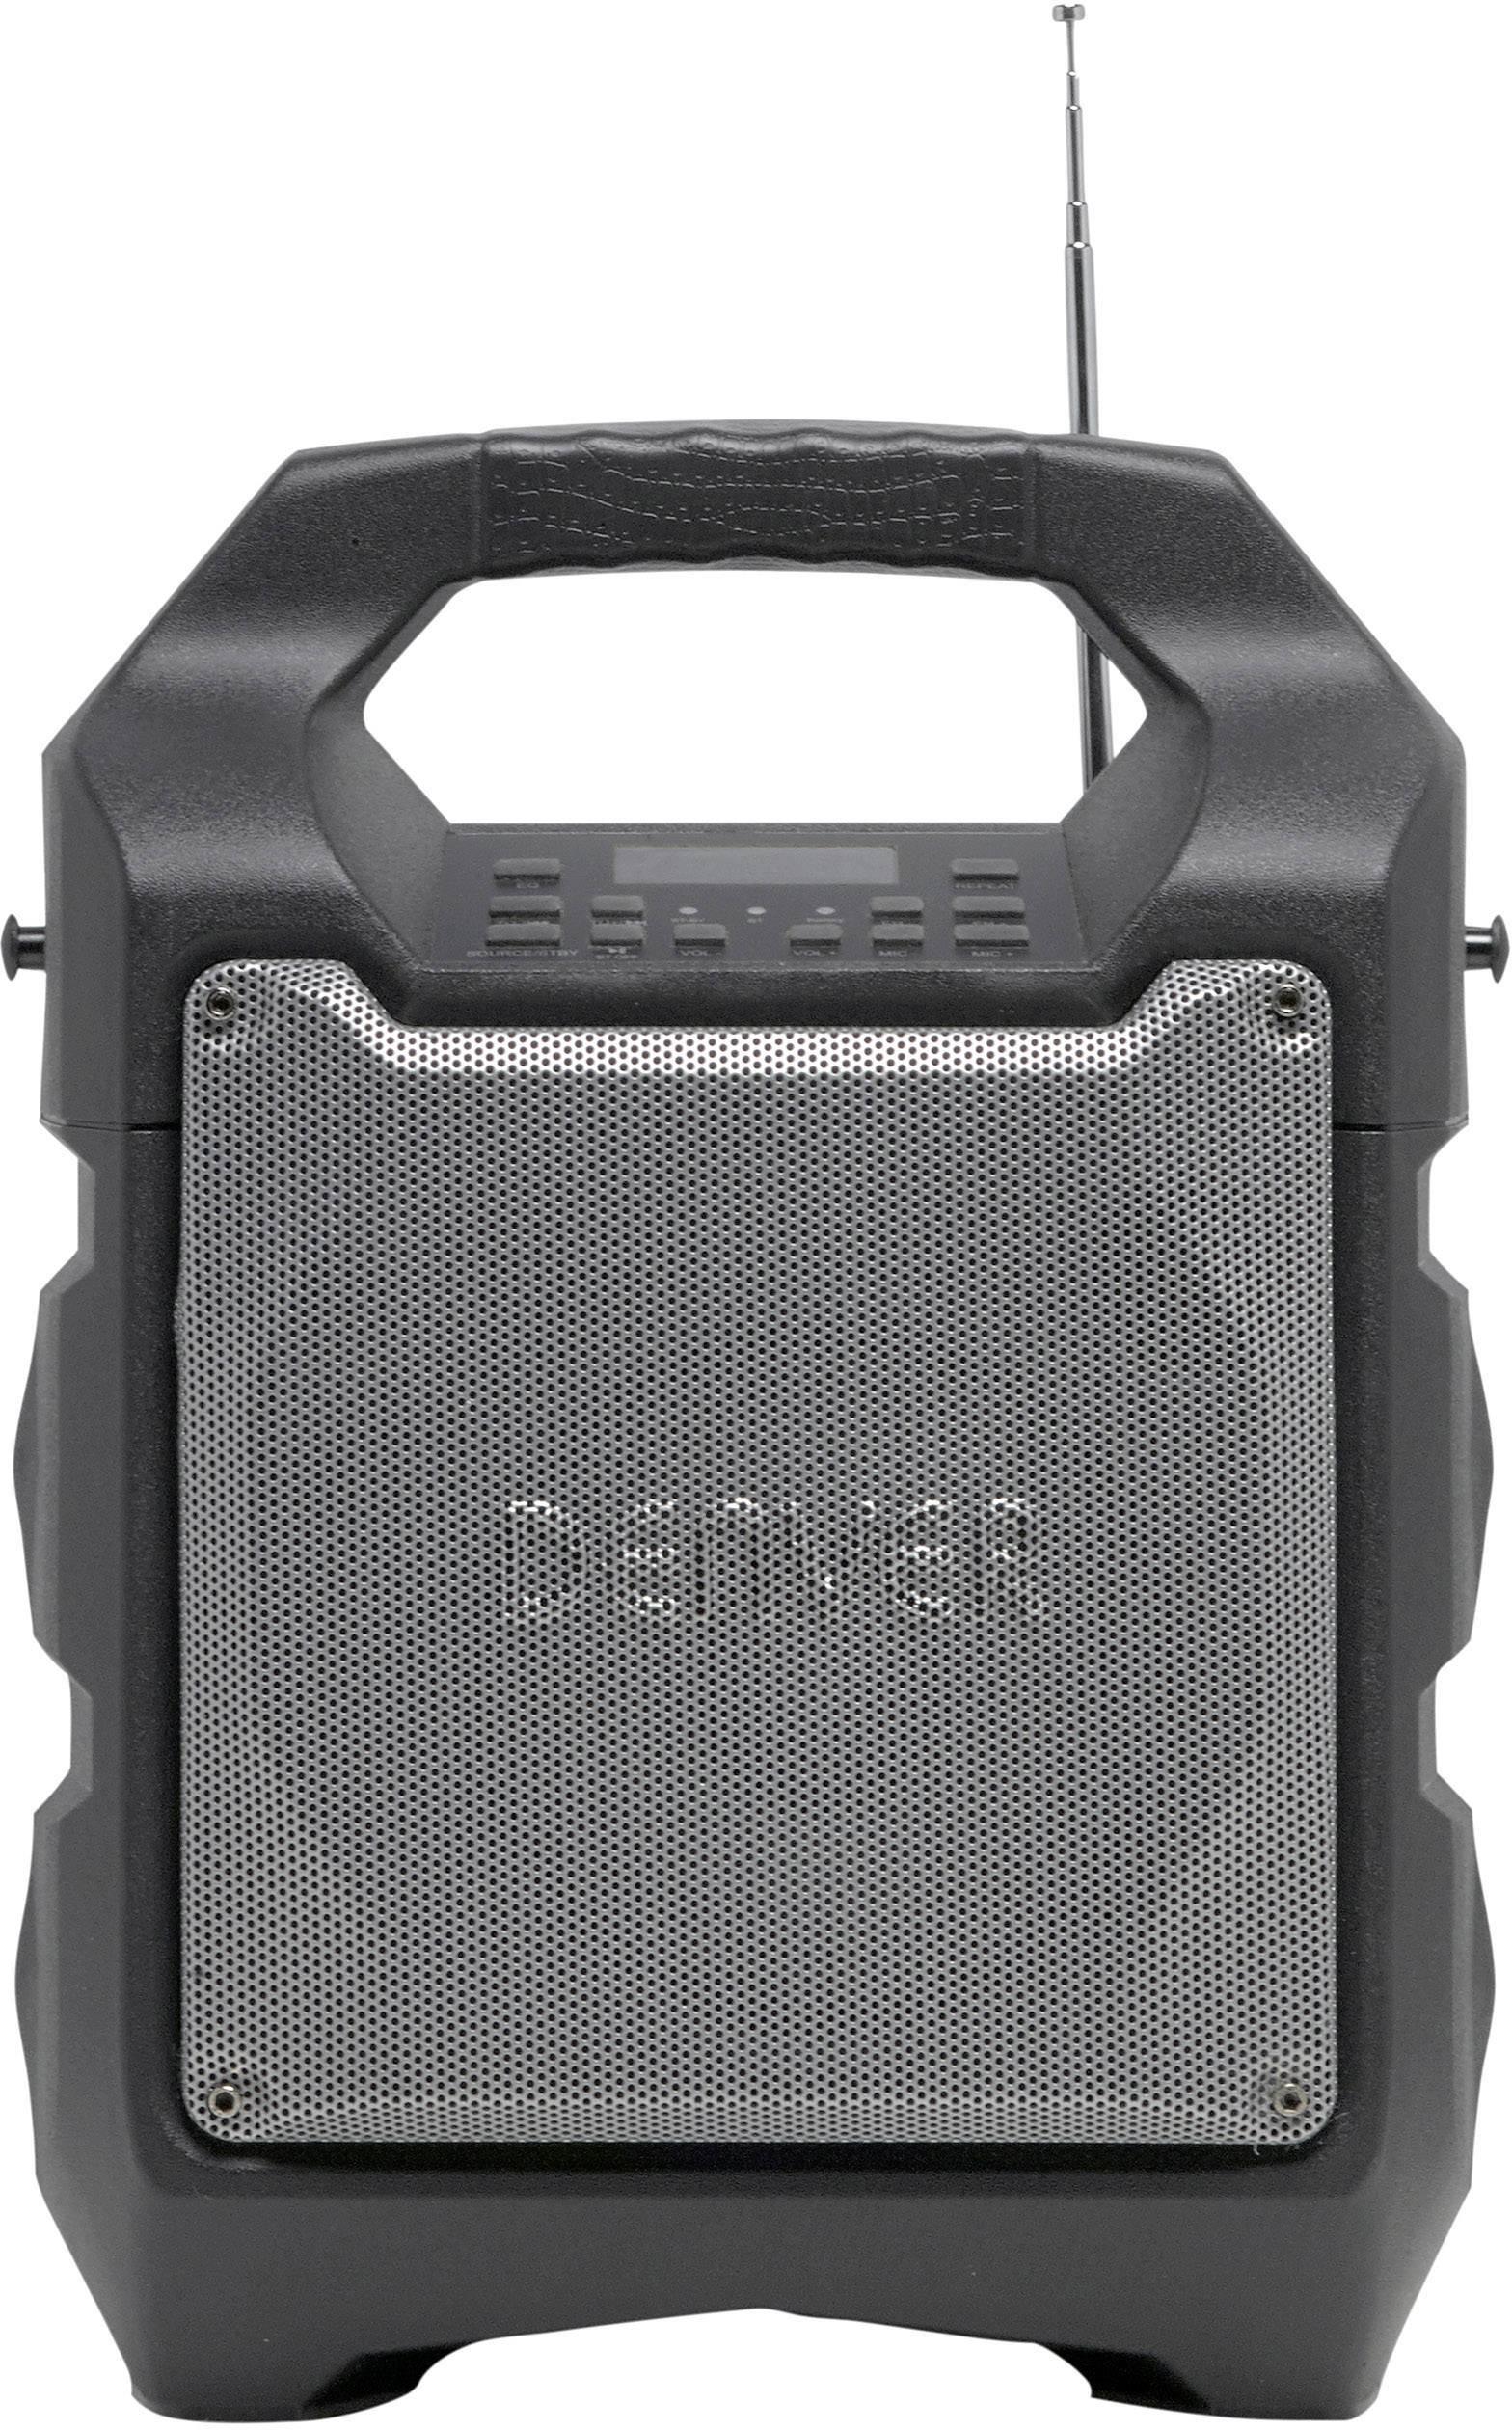 Přenosný reproduktor Denver TSP-203, napájeno akumulátorem, 230 V